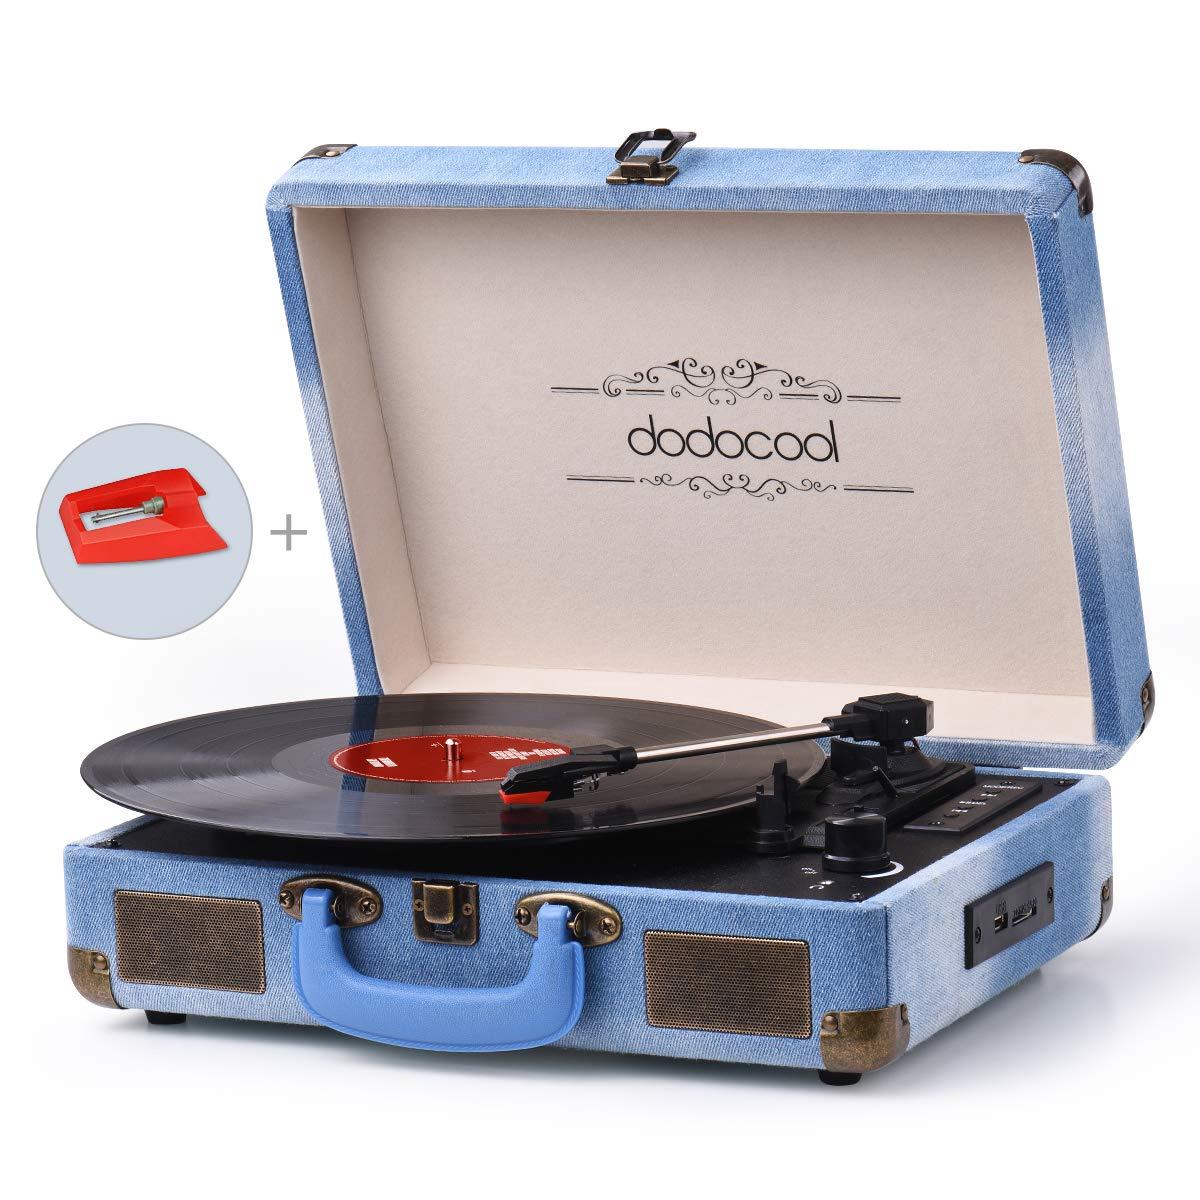 dodocool Platine Vinyle Blue tooth, Tourne-Disque Retro 33/45/78 TR/Min avec des Haut-parleurs Stéréo Intégrés, Soutien l' Enregistrement à MP3, SD/ USB/ Aux Entrée/ Sortie RCA product image